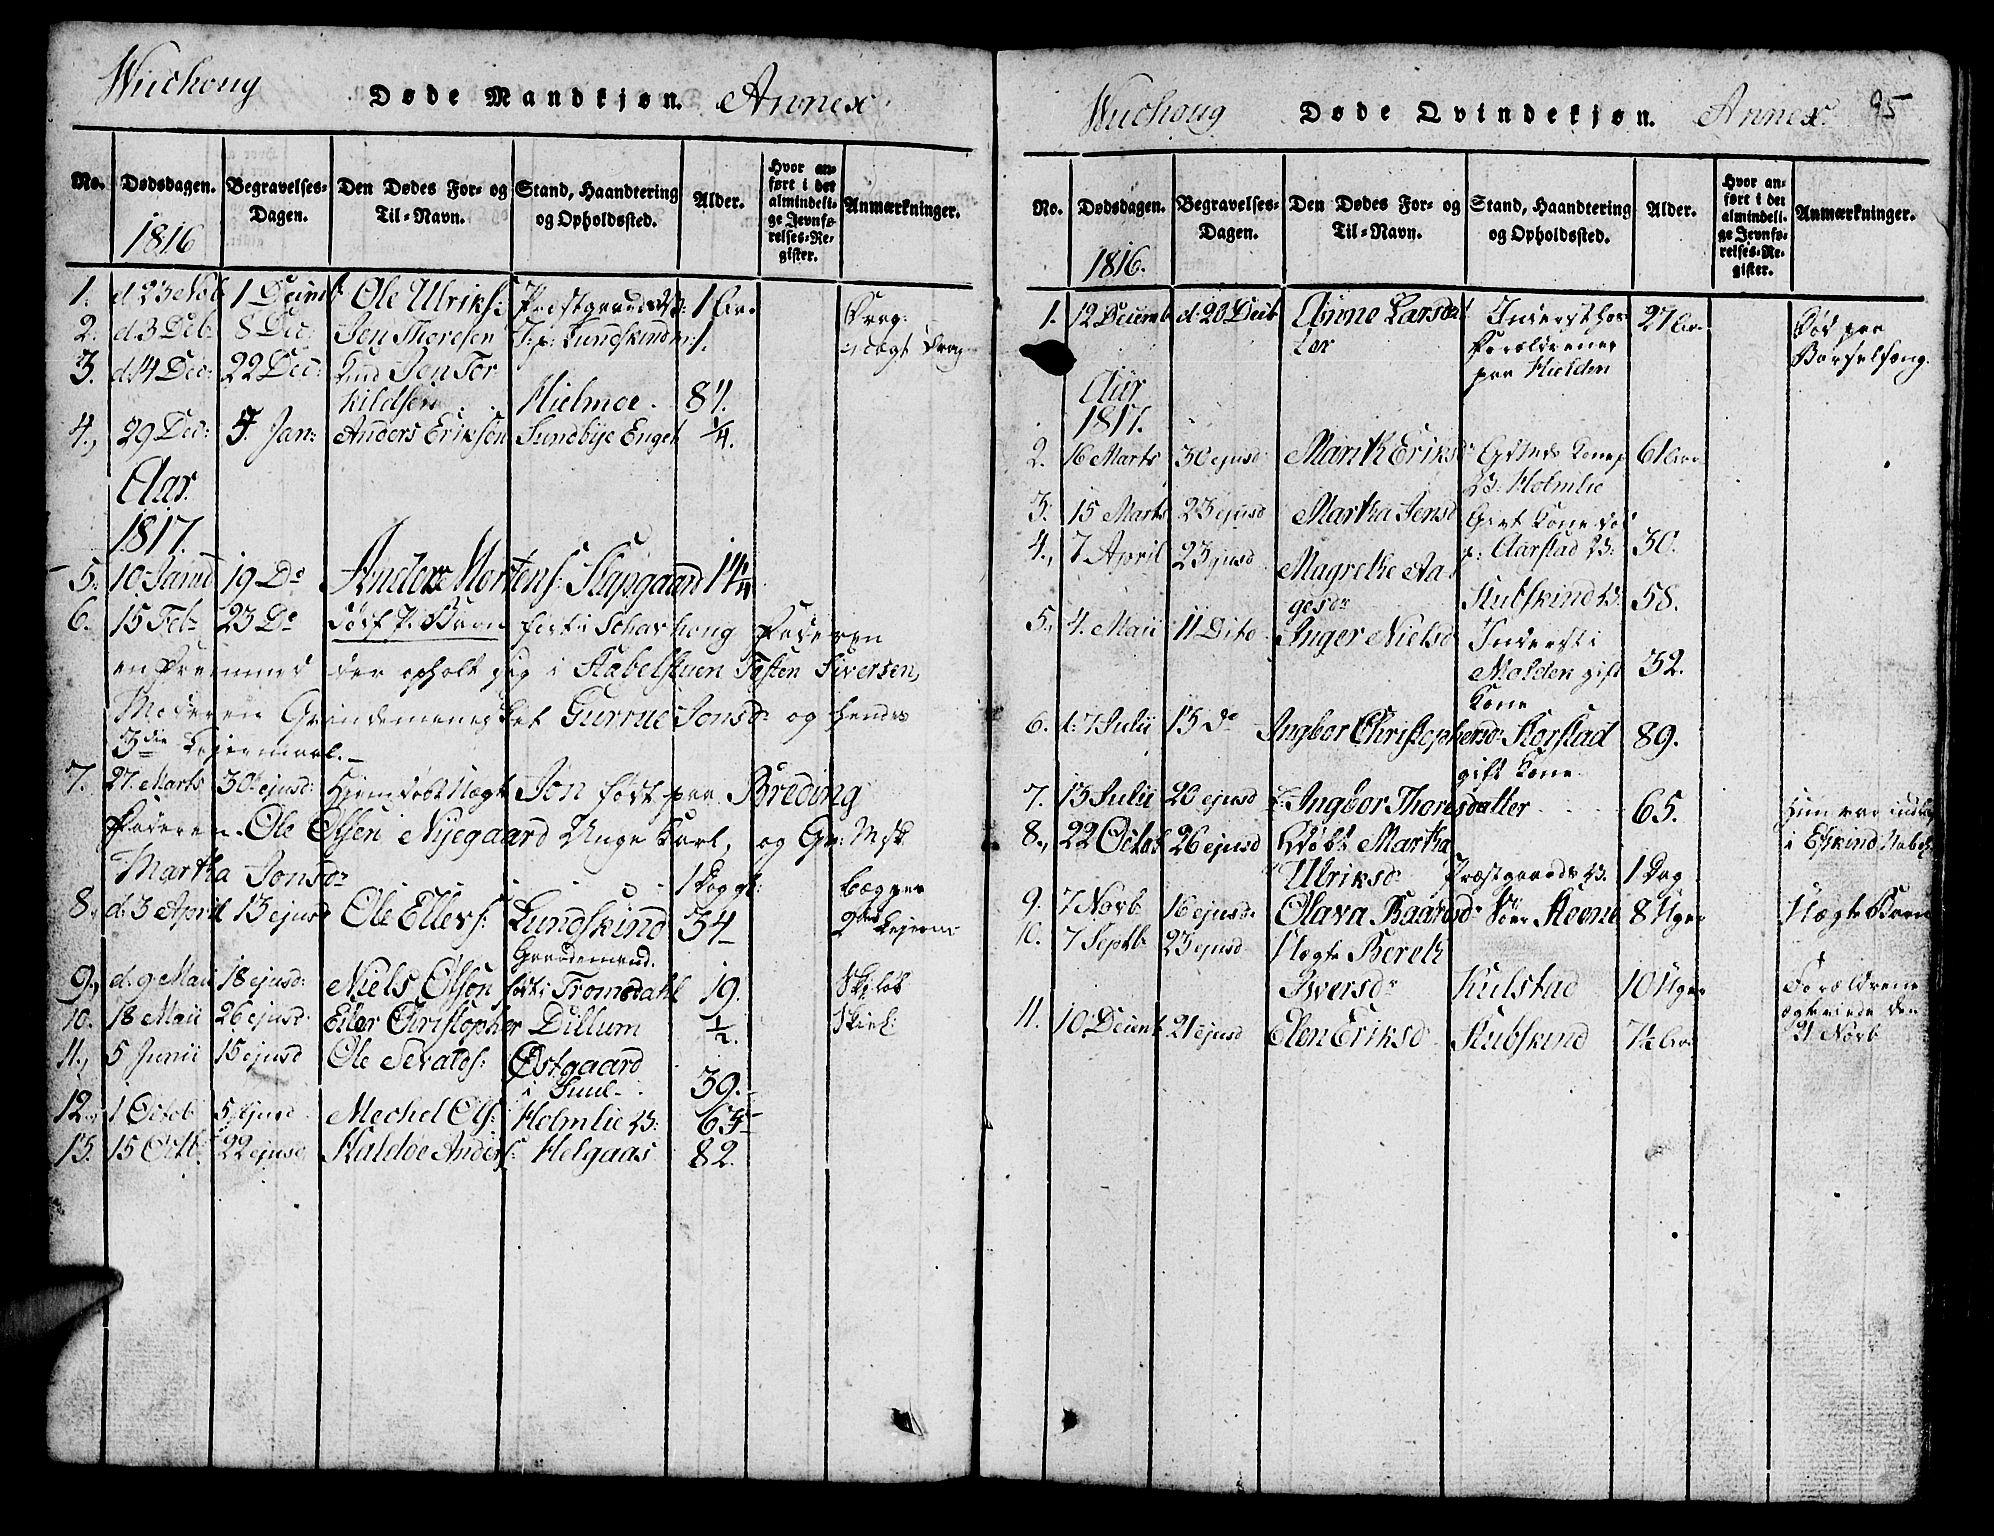 SAT, Ministerialprotokoller, klokkerbøker og fødselsregistre - Nord-Trøndelag, 724/L0265: Klokkerbok nr. 724C01, 1816-1845, s. 95